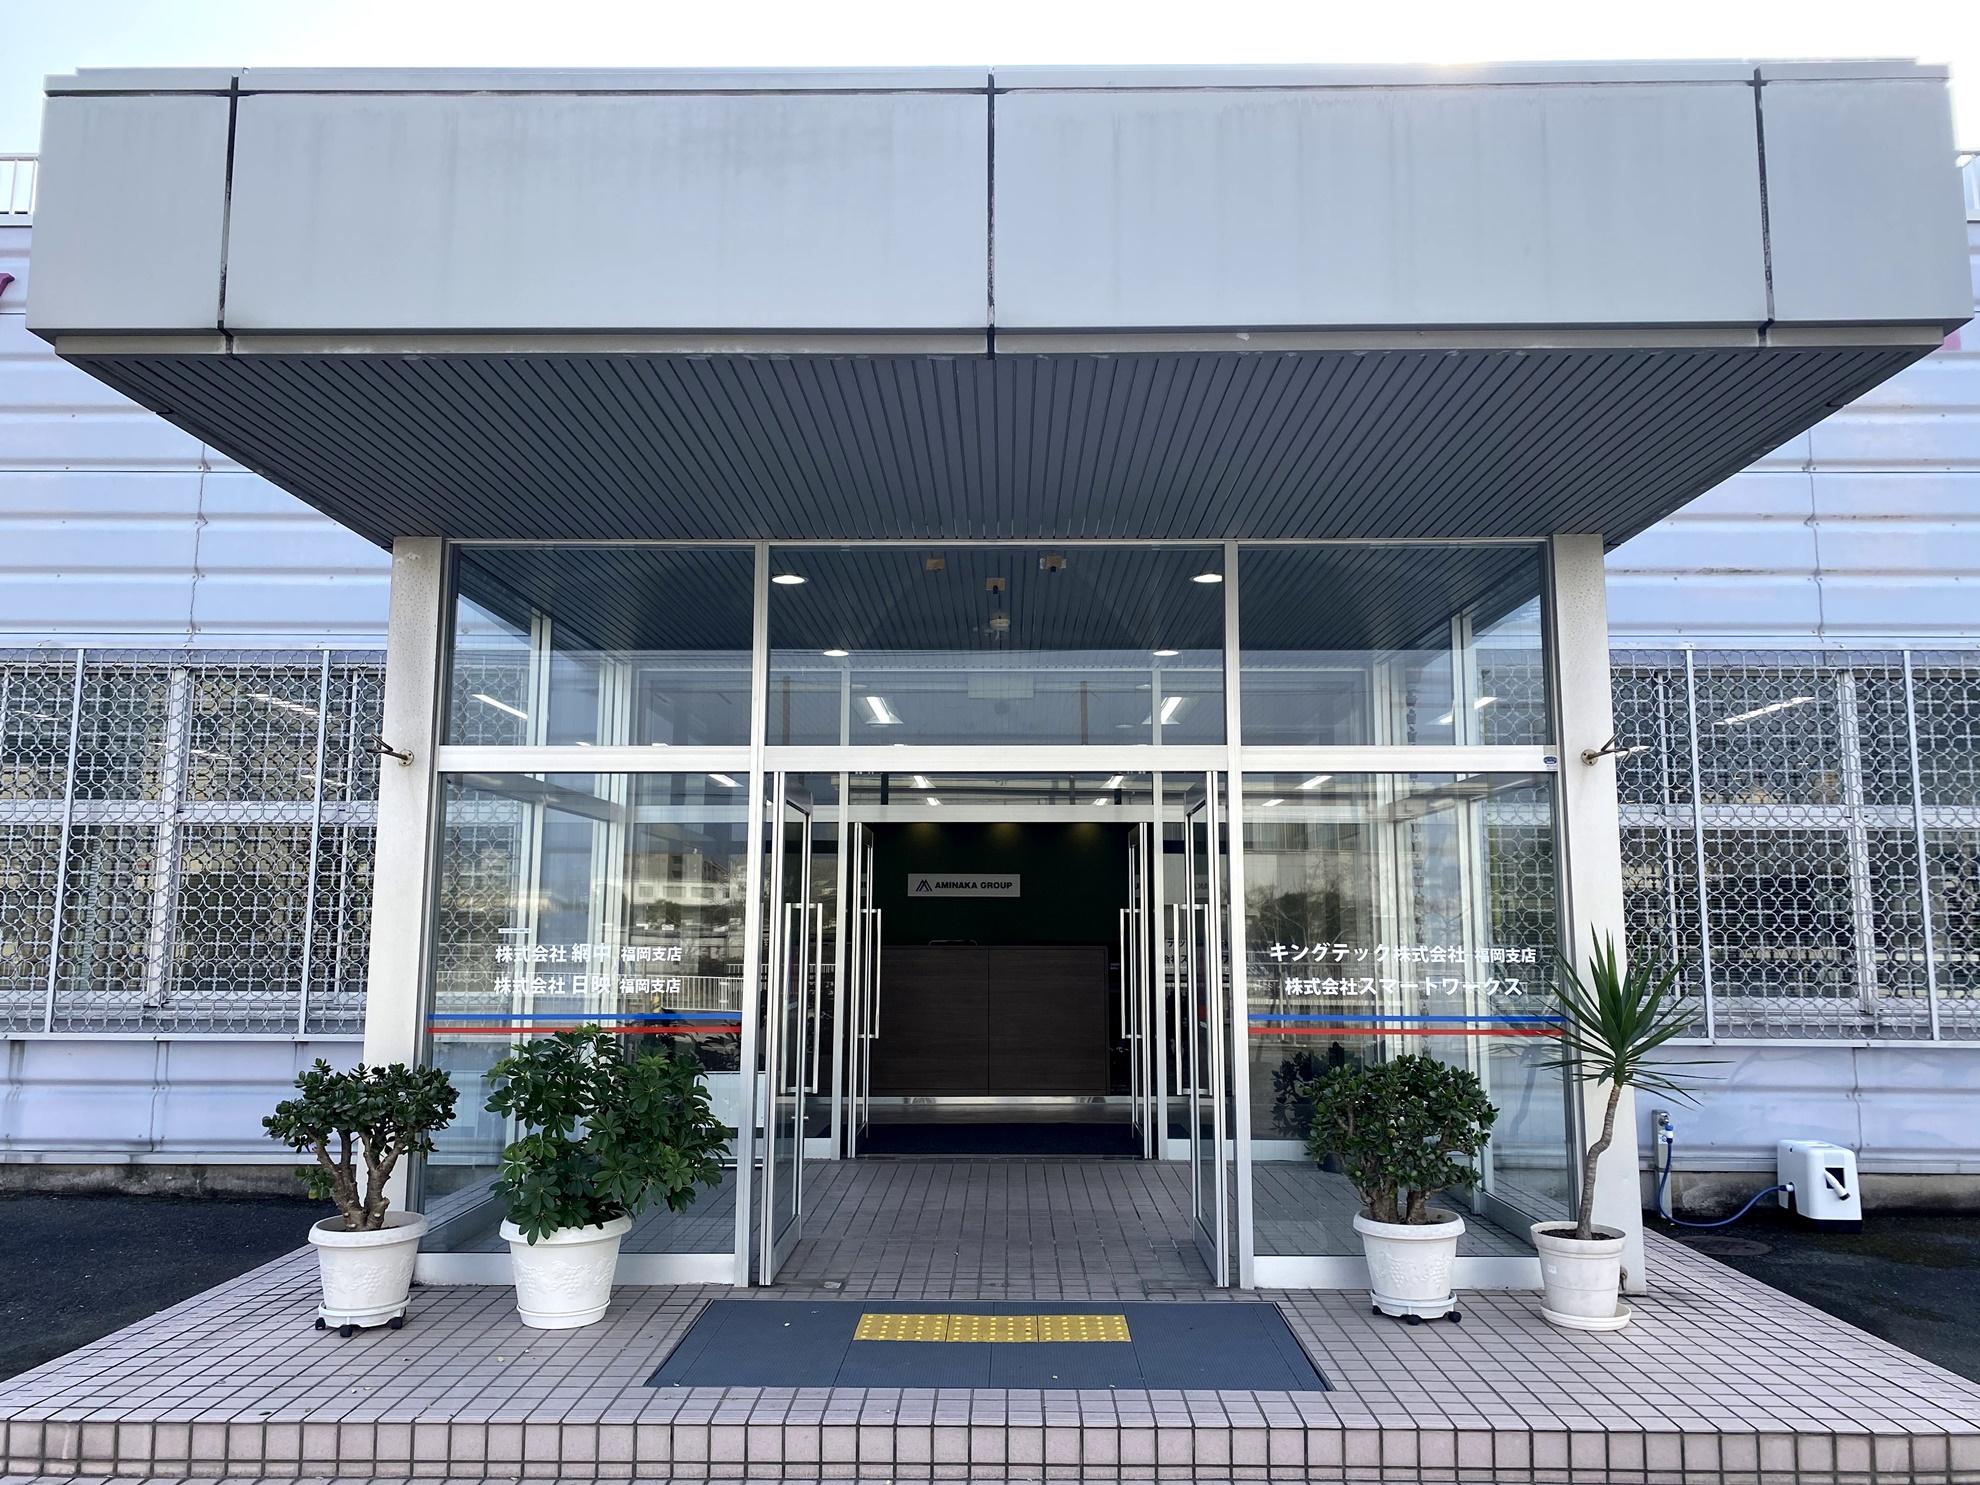 キングテック(株)福岡支店・(株)網中福岡支店オフィスリニューアルしました!